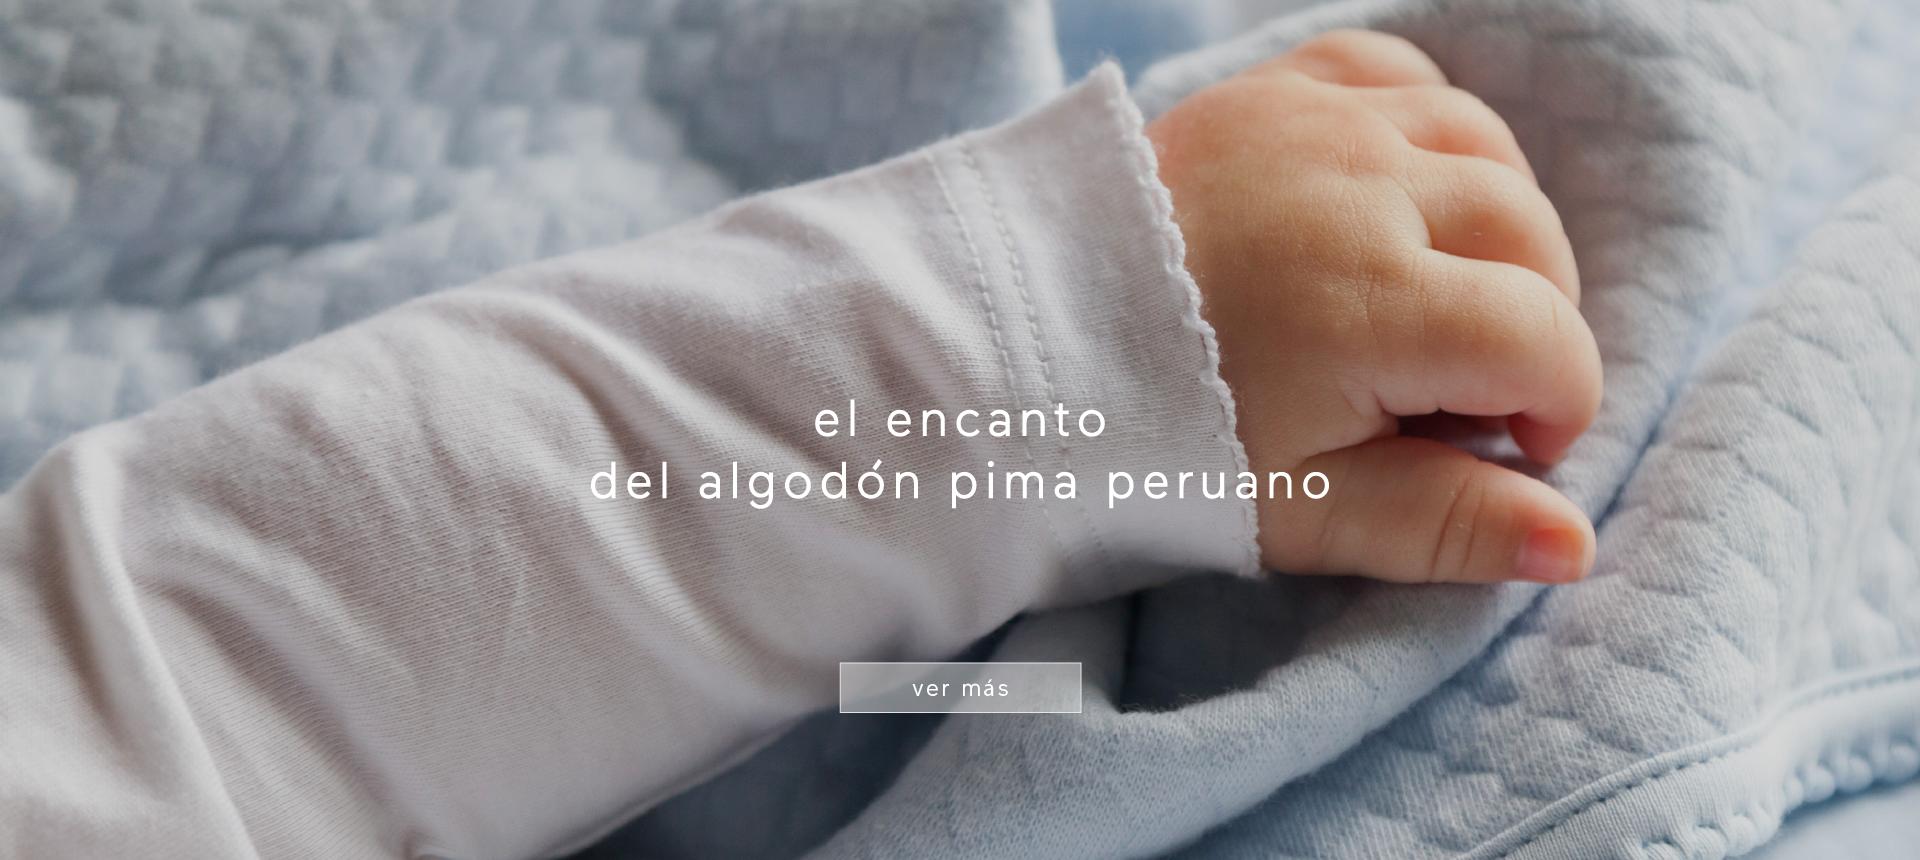 en babycottons cuidamos la delicada piel de tu bebé, seleccionando materias primas de máxima calidad en nuestras prendas.